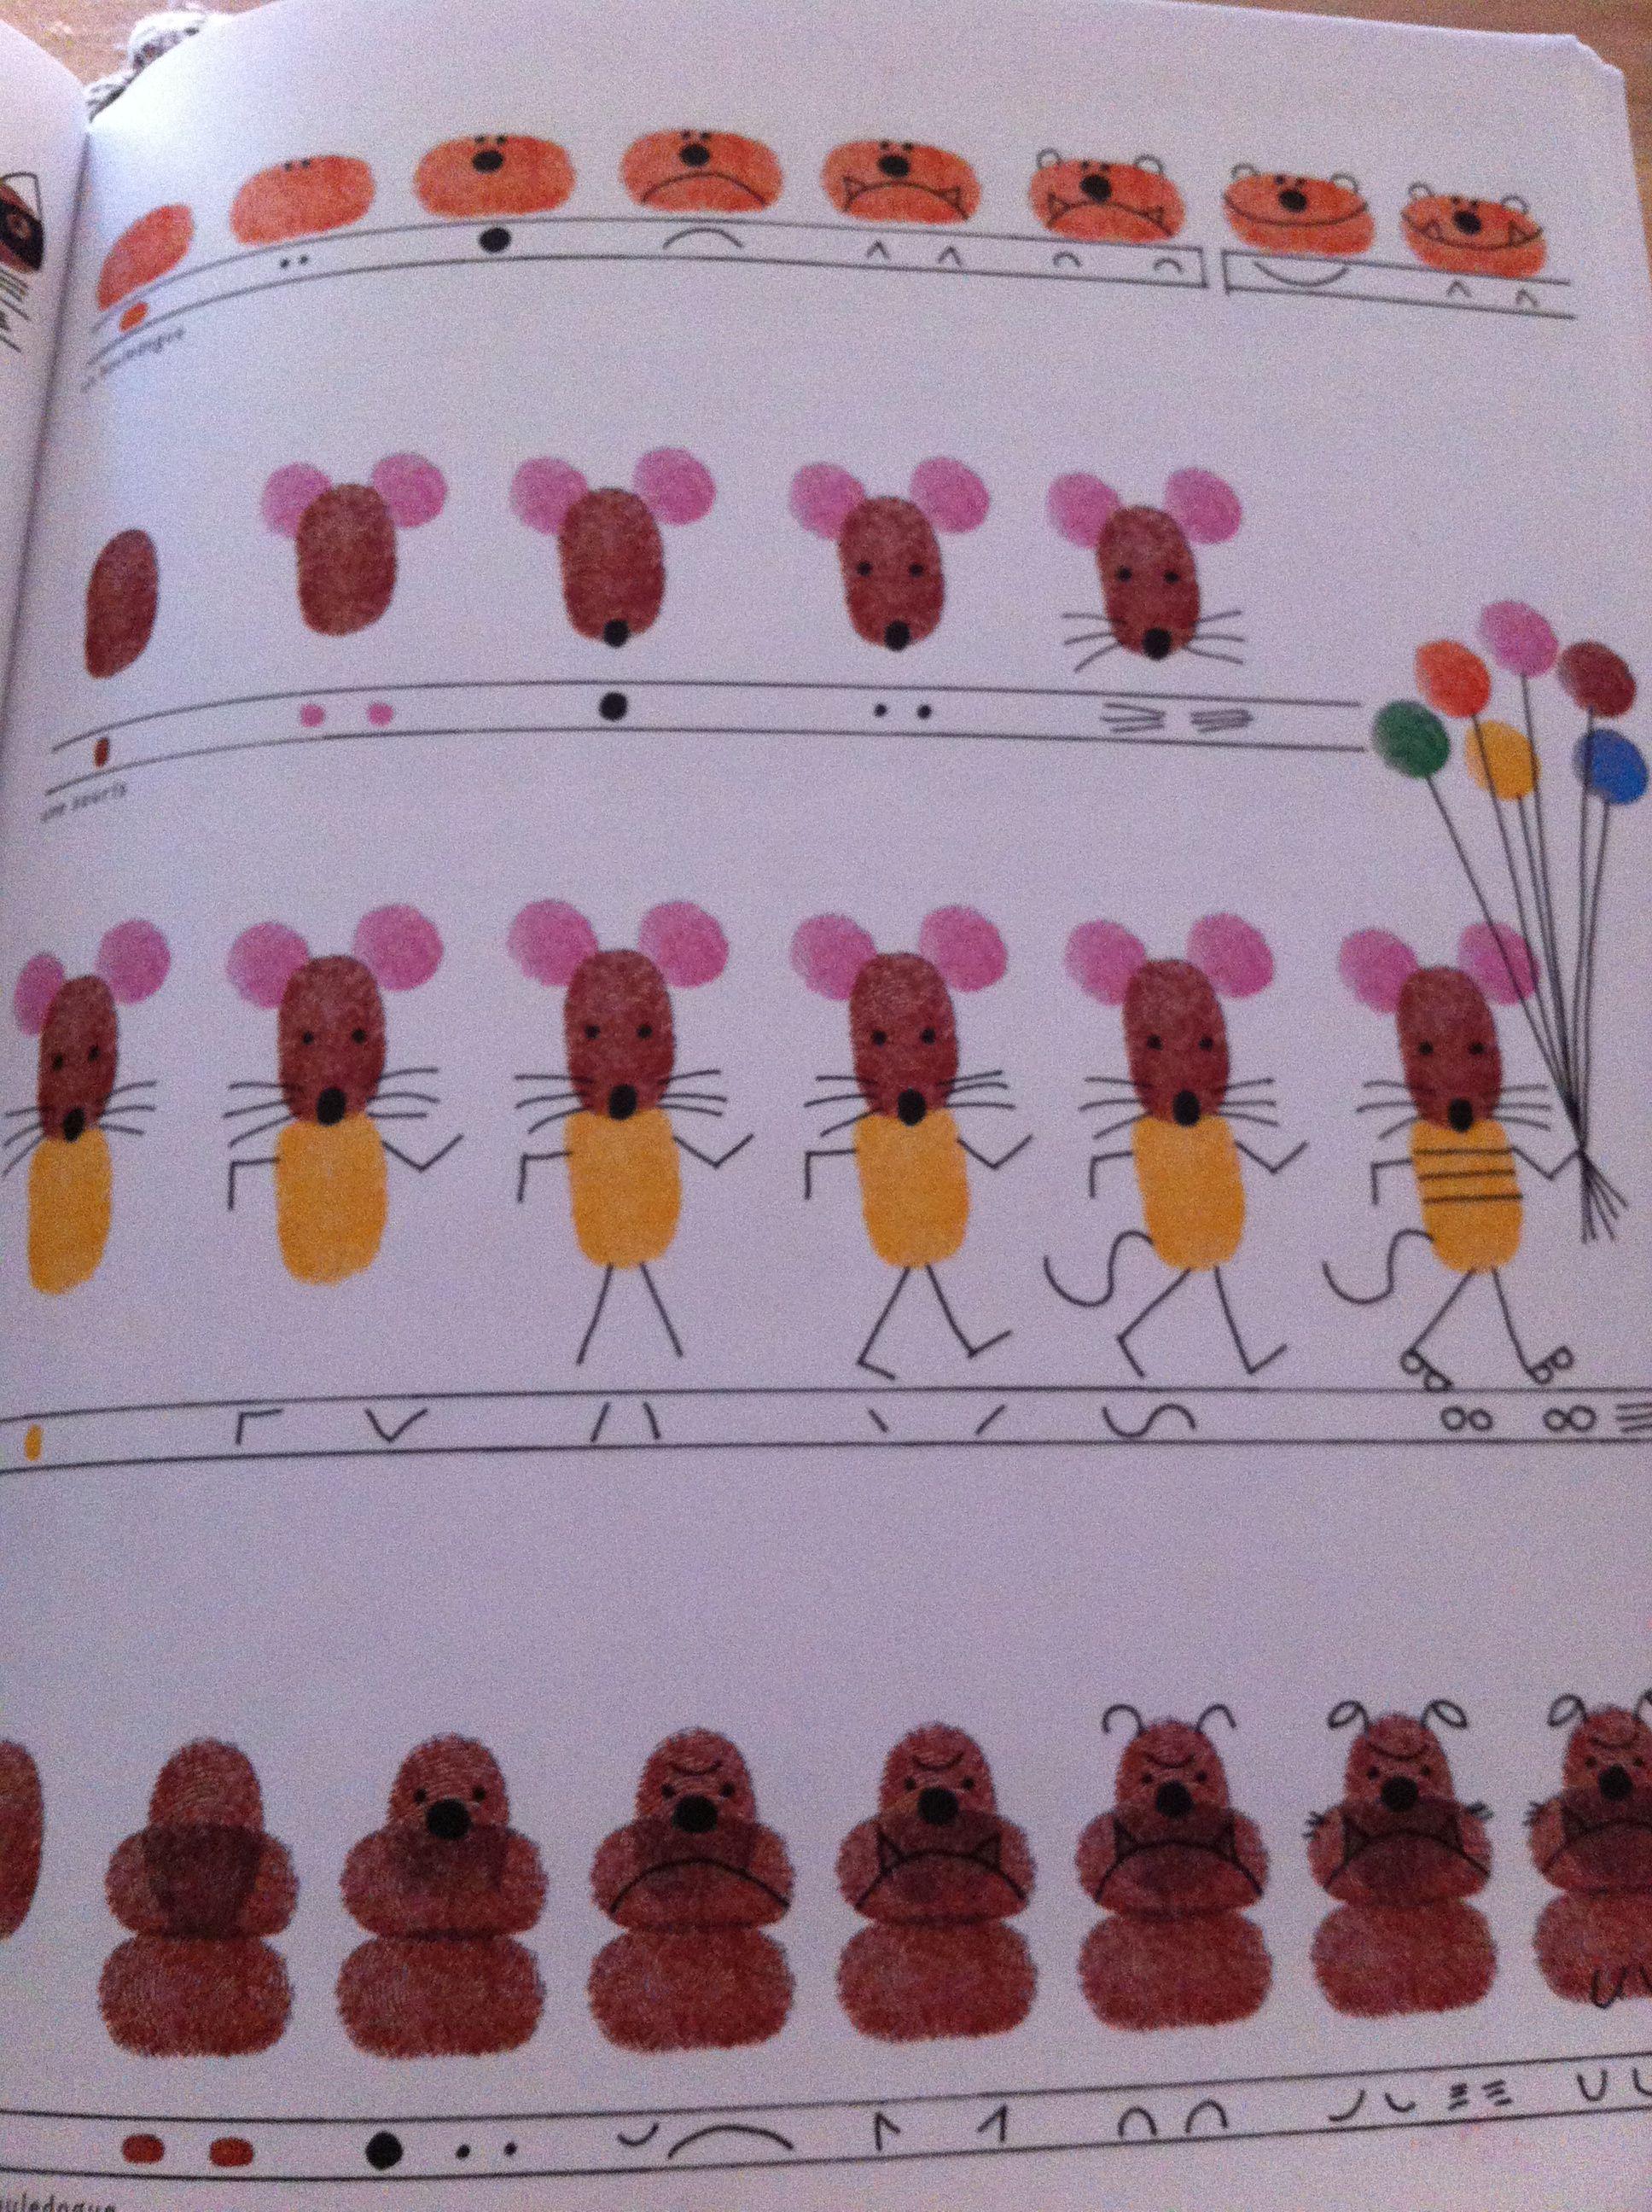 Petites souris rigolotes avec peinture doigts souris activities for kids art et diy - Dessin chouette rigolote ...